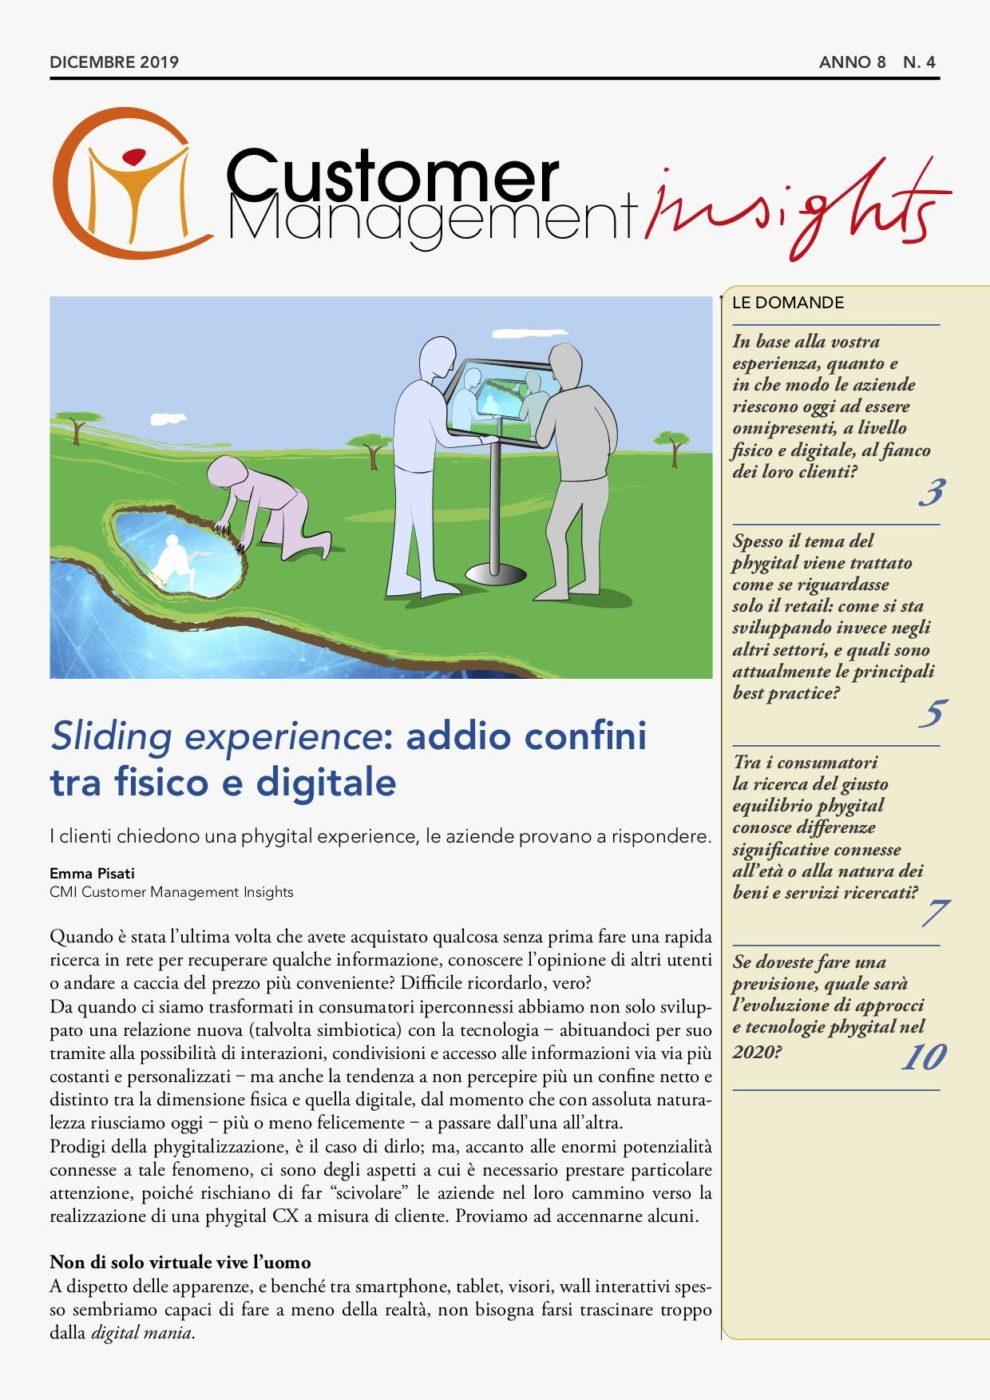 Customer Experience tra fisico e digitale – CMI anno 8 n. 4